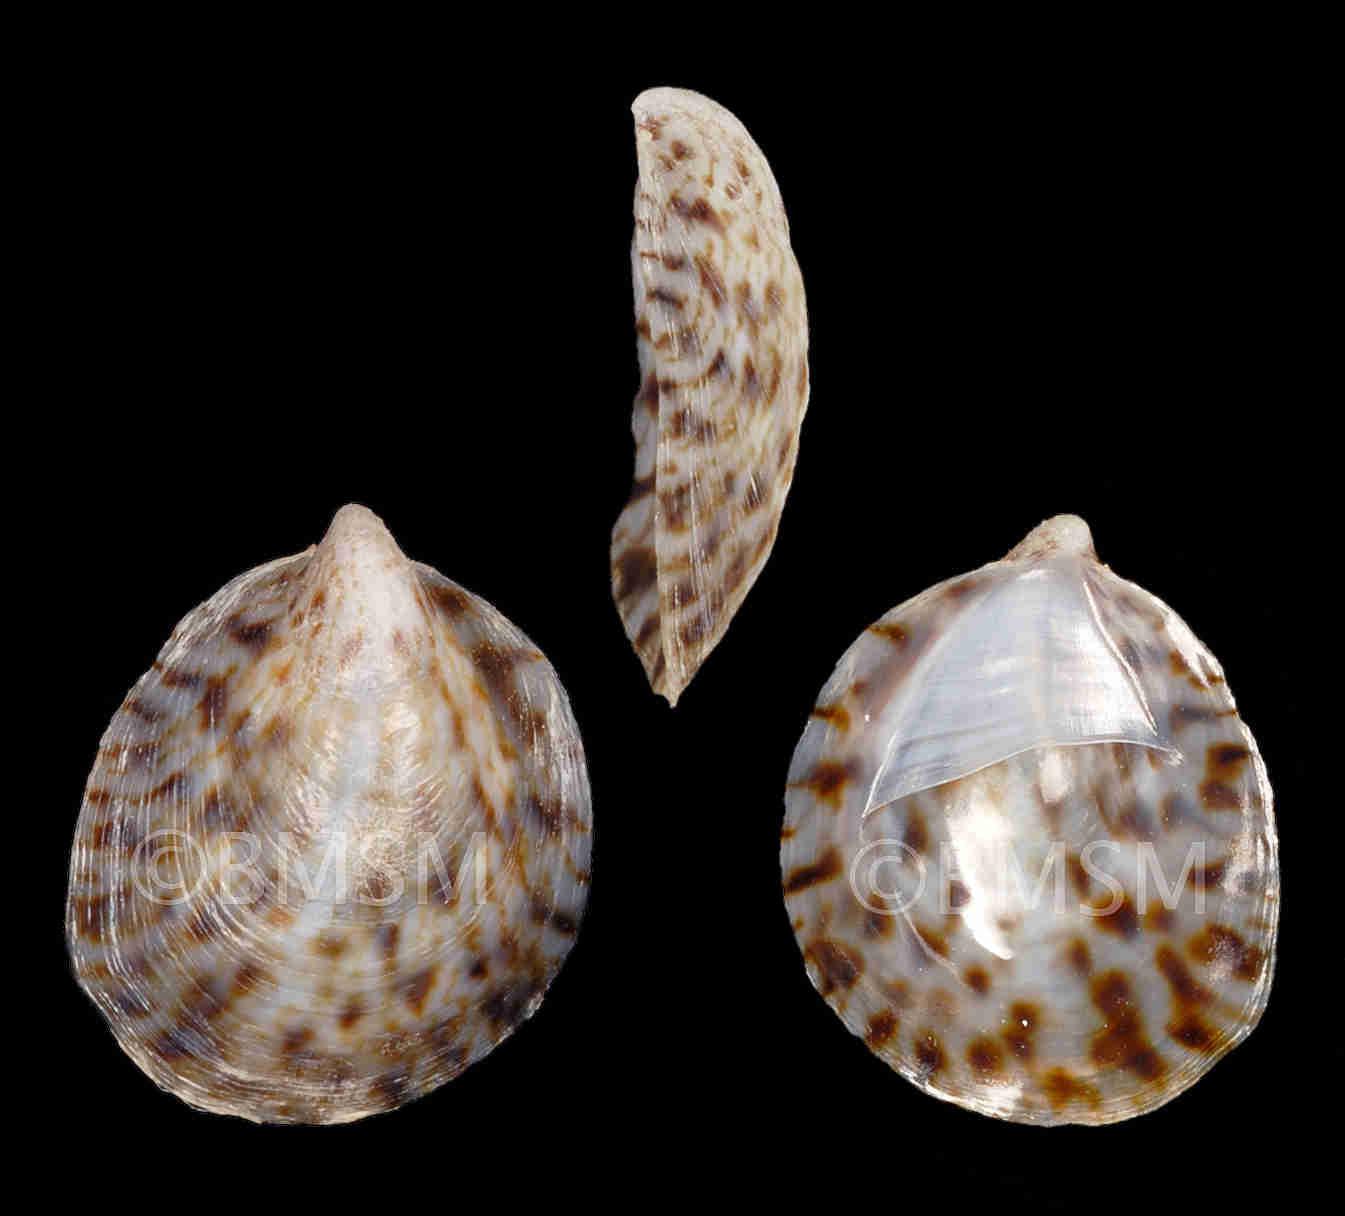 Little Speckled Slipper Snail